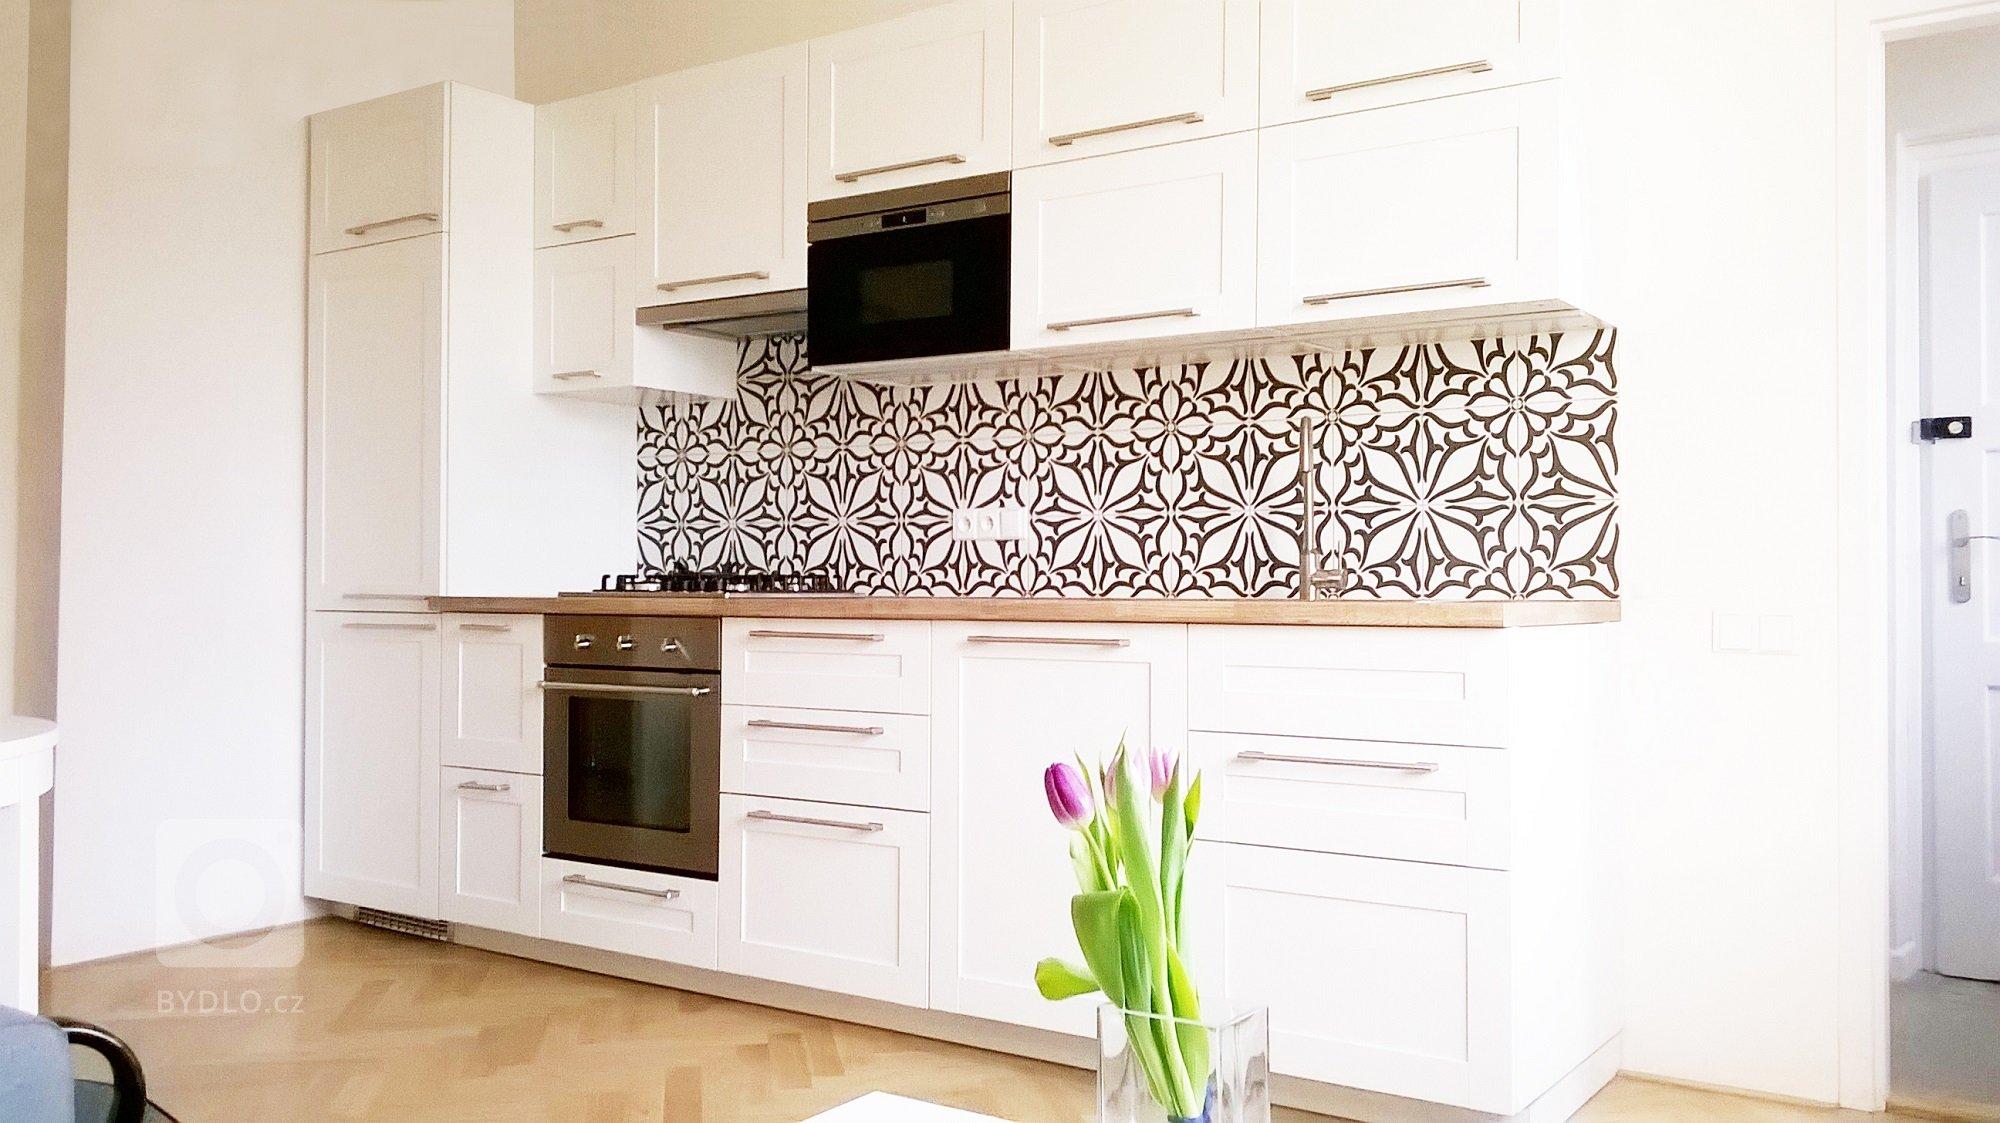 Rekonstrukce bytu na Pankráci - kuchyň